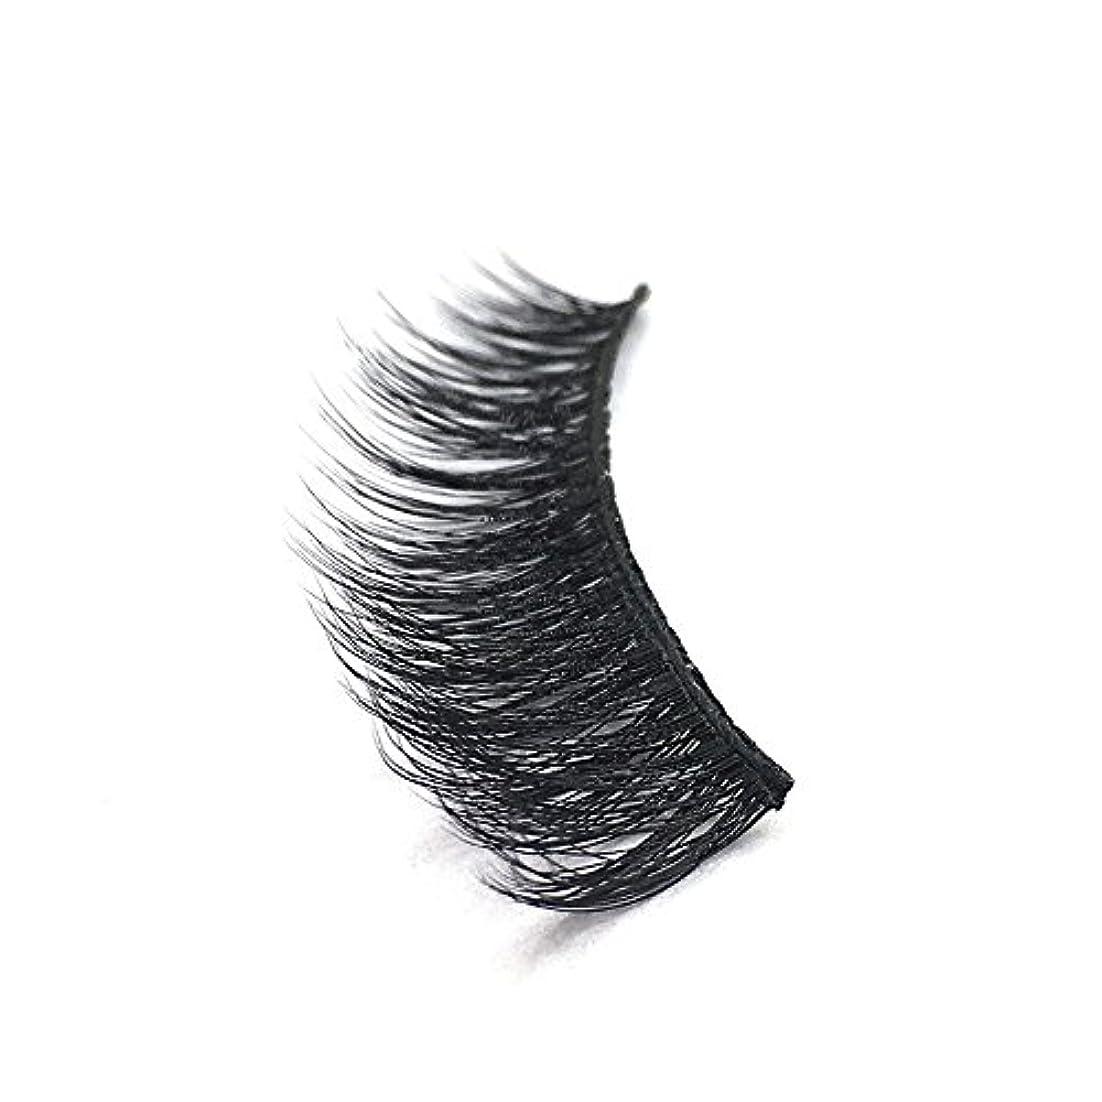 ひまわりによると食品つけまつげ LLuche 3Dミンクつけまつ毛ア グラマラスボリュームアイラッシュ ふんわりロングまつ毛 ふんわりロングまつ毛 3組の贅沢な3Dつけまつげふわふわのストリップのまつげの長い自然な党3D濃いつけまつげ3D-27(黒, 超良い品質と低価格 魅惑的な クリスマス ギフト 人気 新タイプ ポータブル)